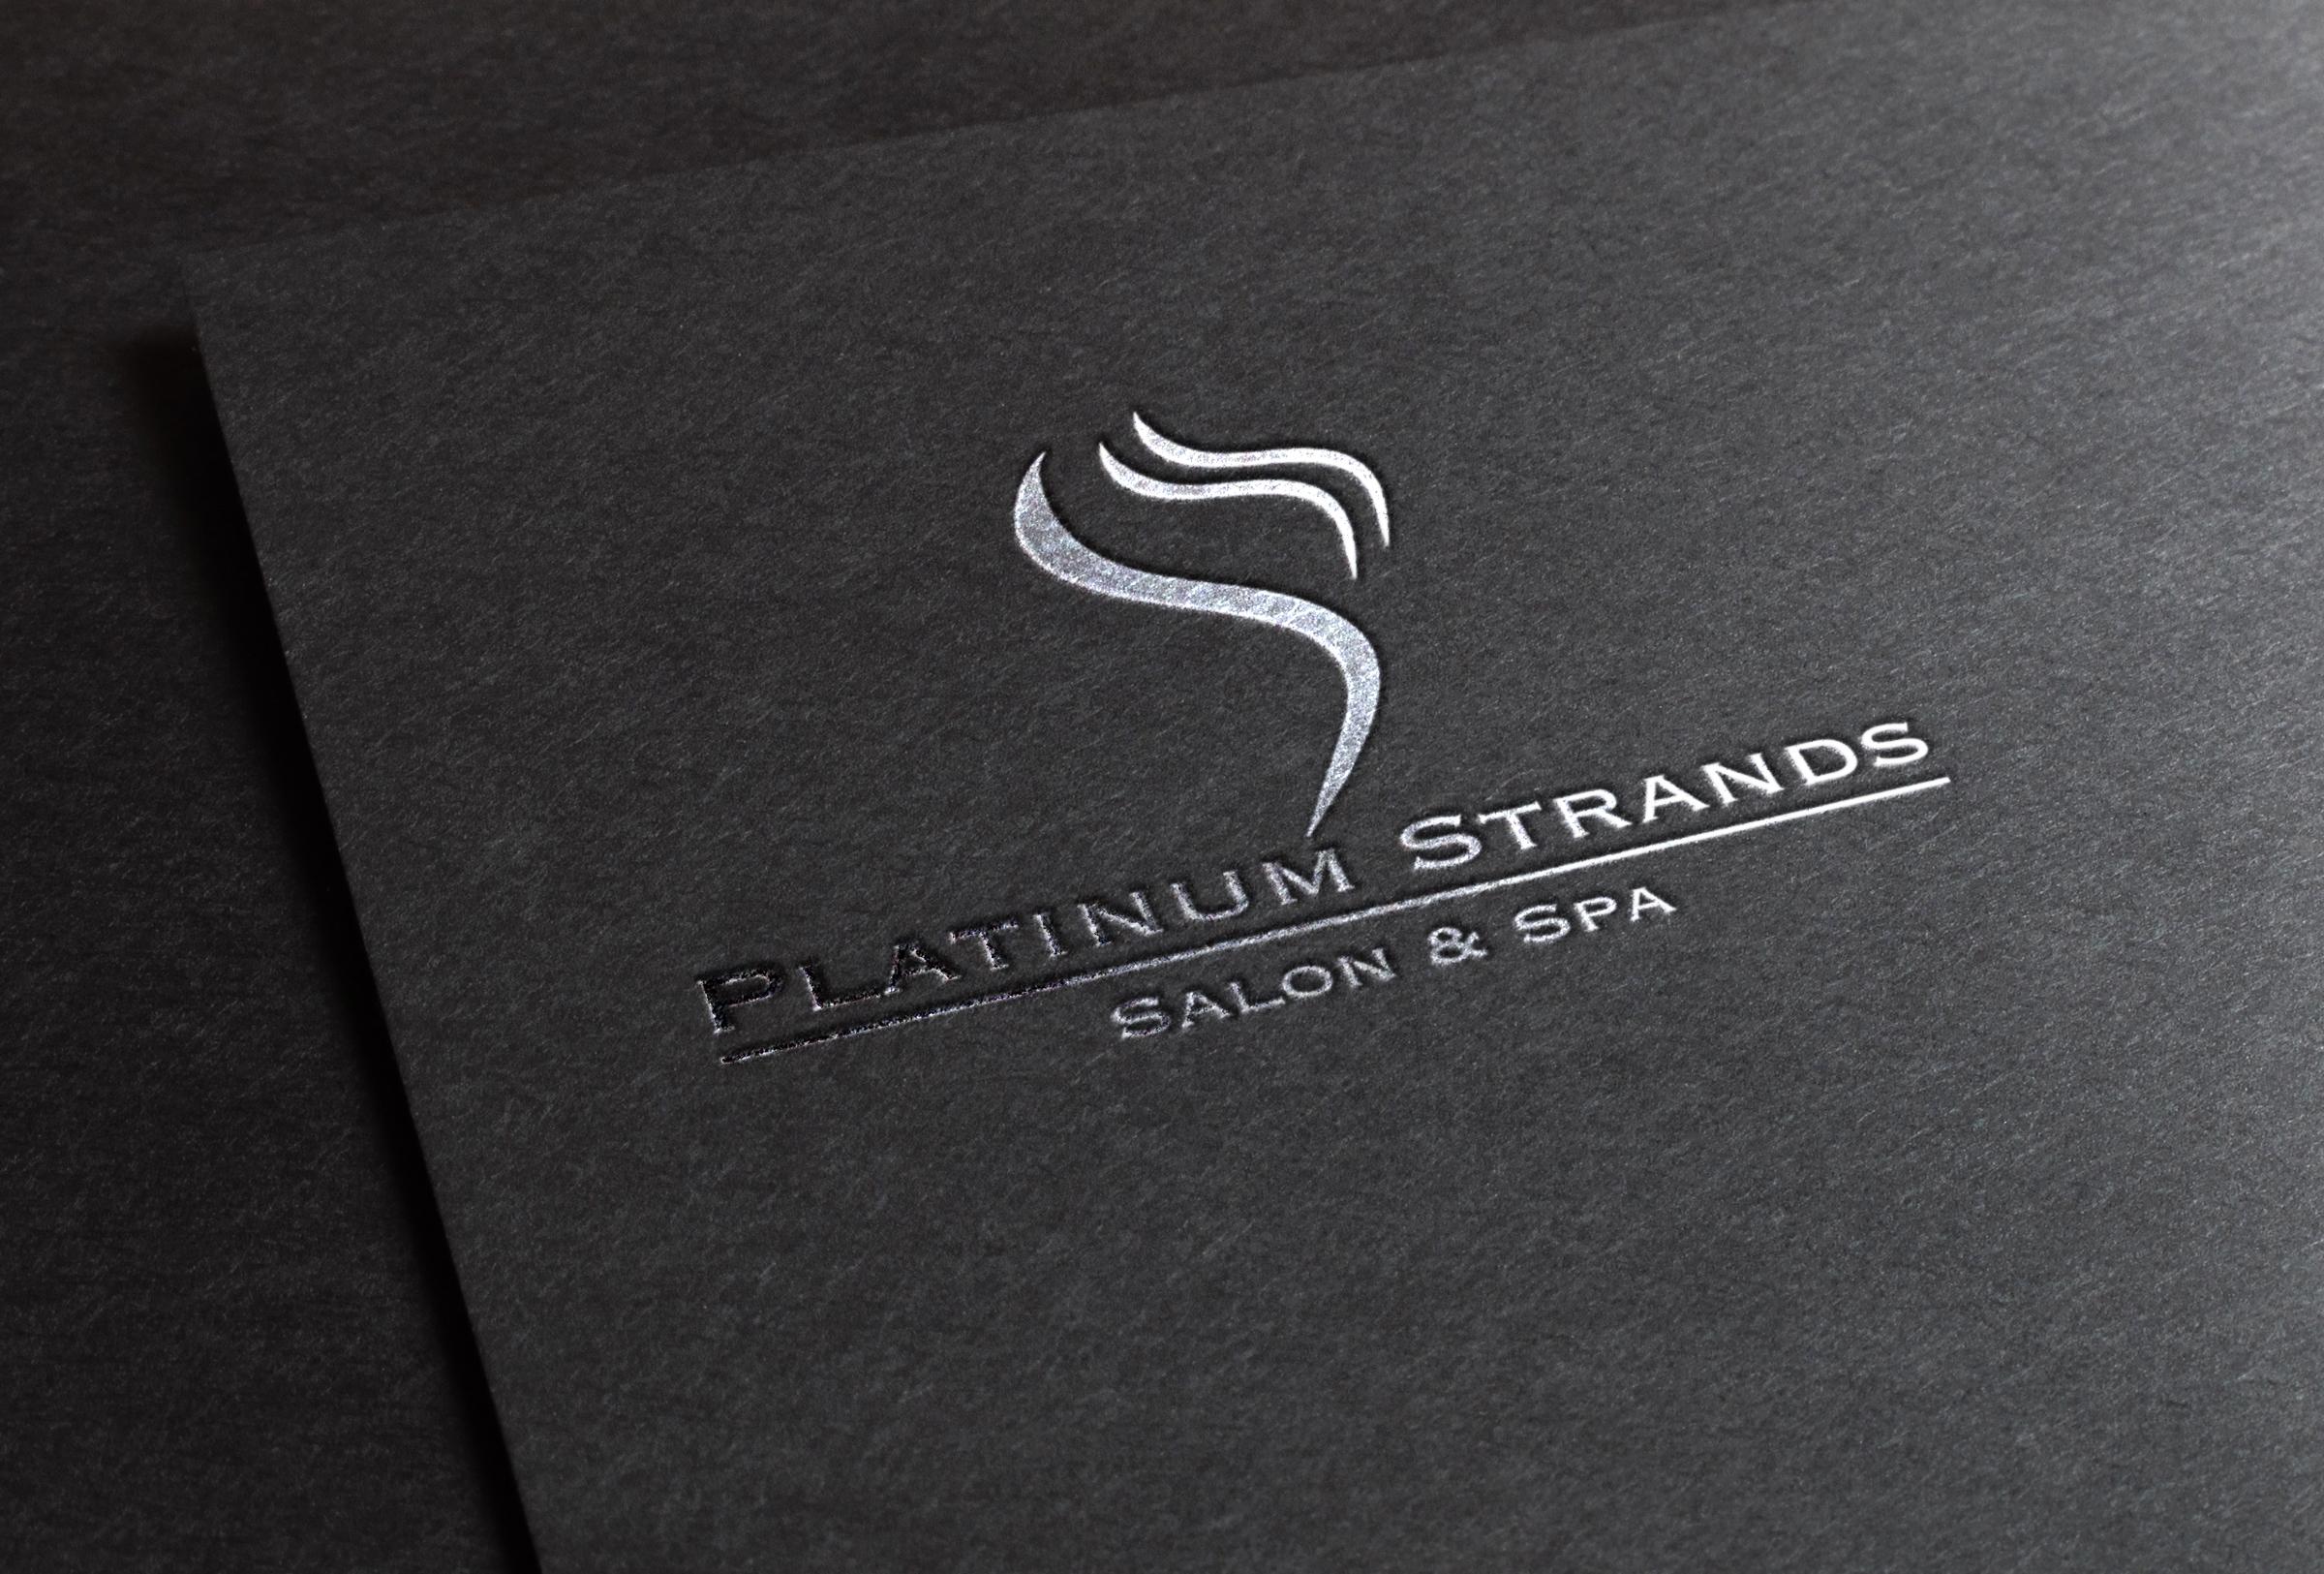 Platinum Strands Logo